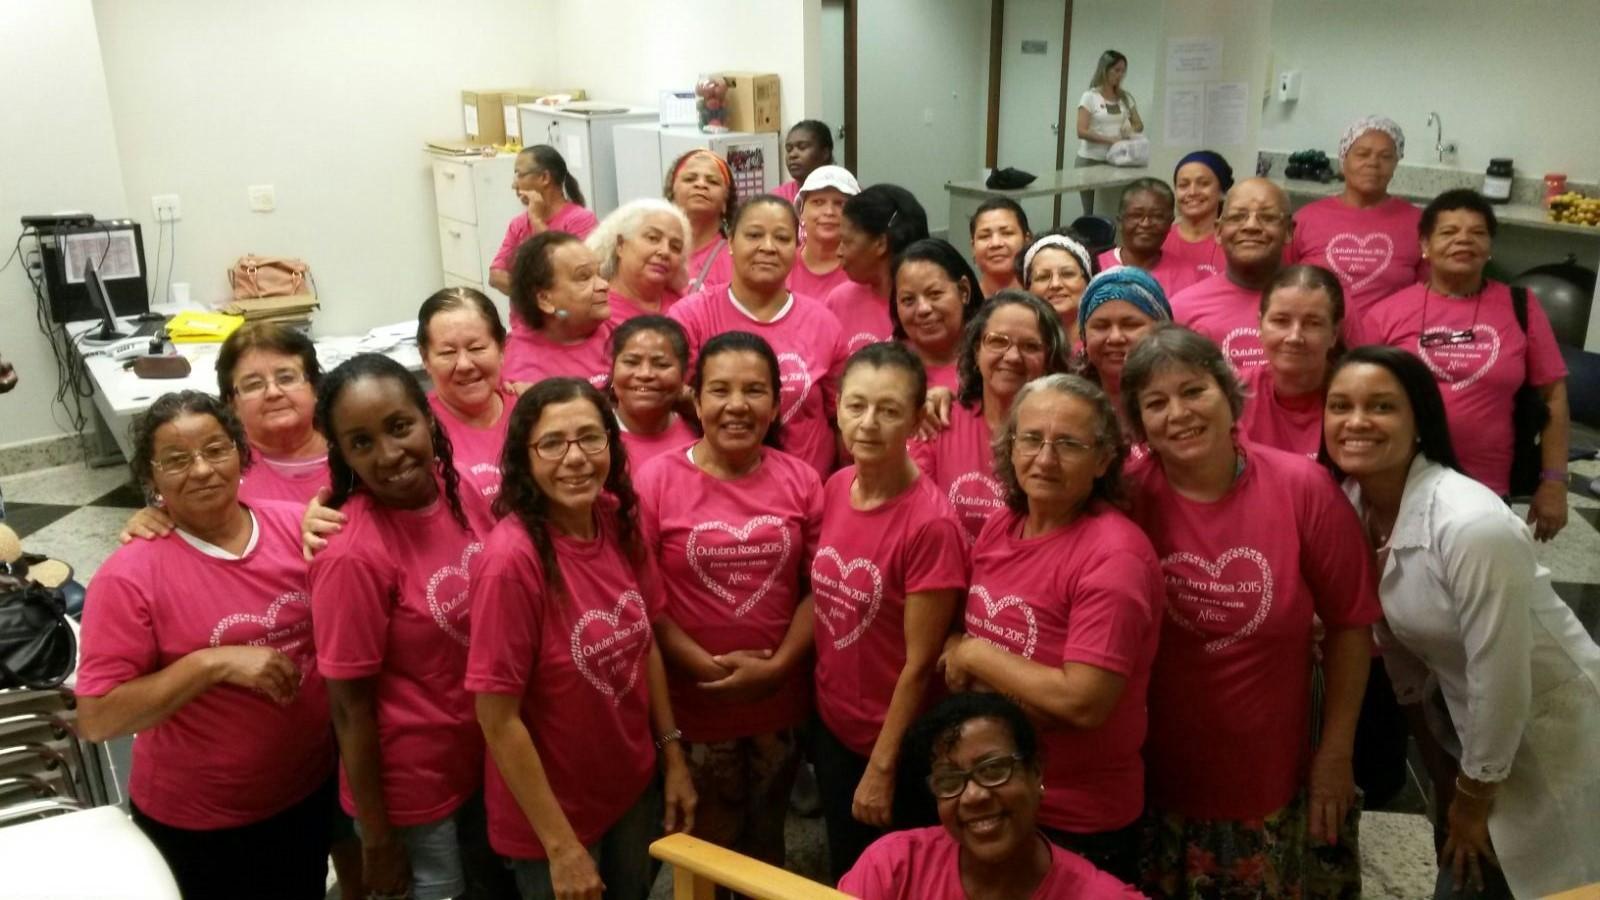 Equipe de projeto que ajuda mulheres com mastectomia (Foto: Arquivo Pessoal)